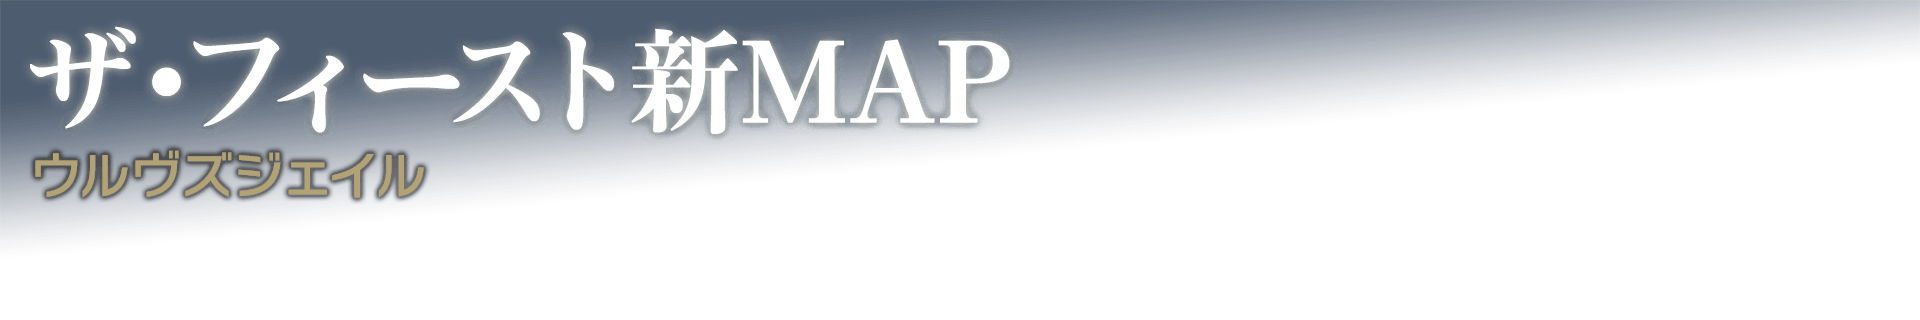 ザ・フィースト新MAP